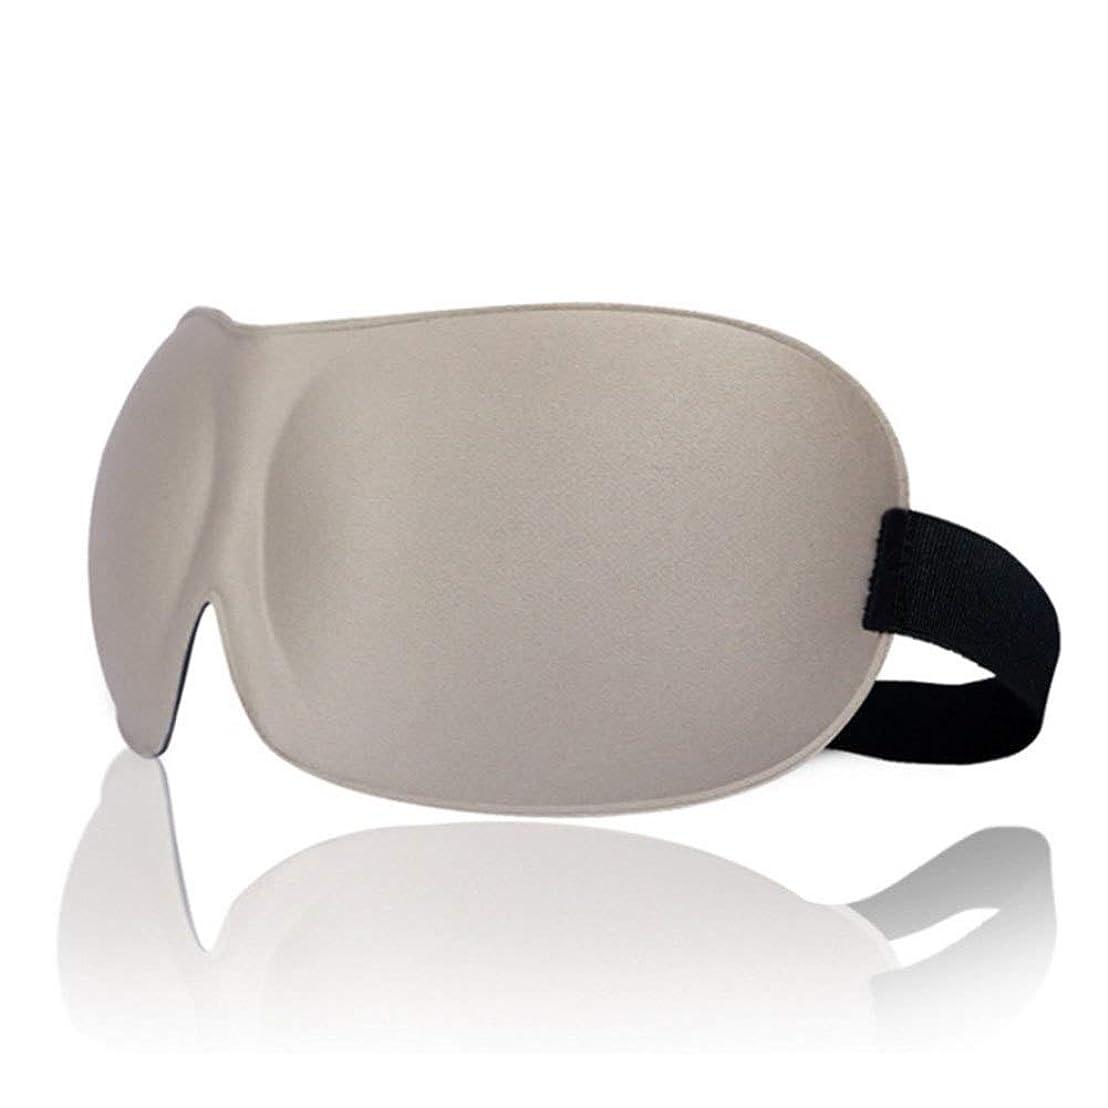 容器一掃するヒューマニスティックNOTE 3Dアイマスク睡眠ソフトパッド入りシェードカバー残りリラックス目隠し実用旅行睡眠なしライト通気性H7JP